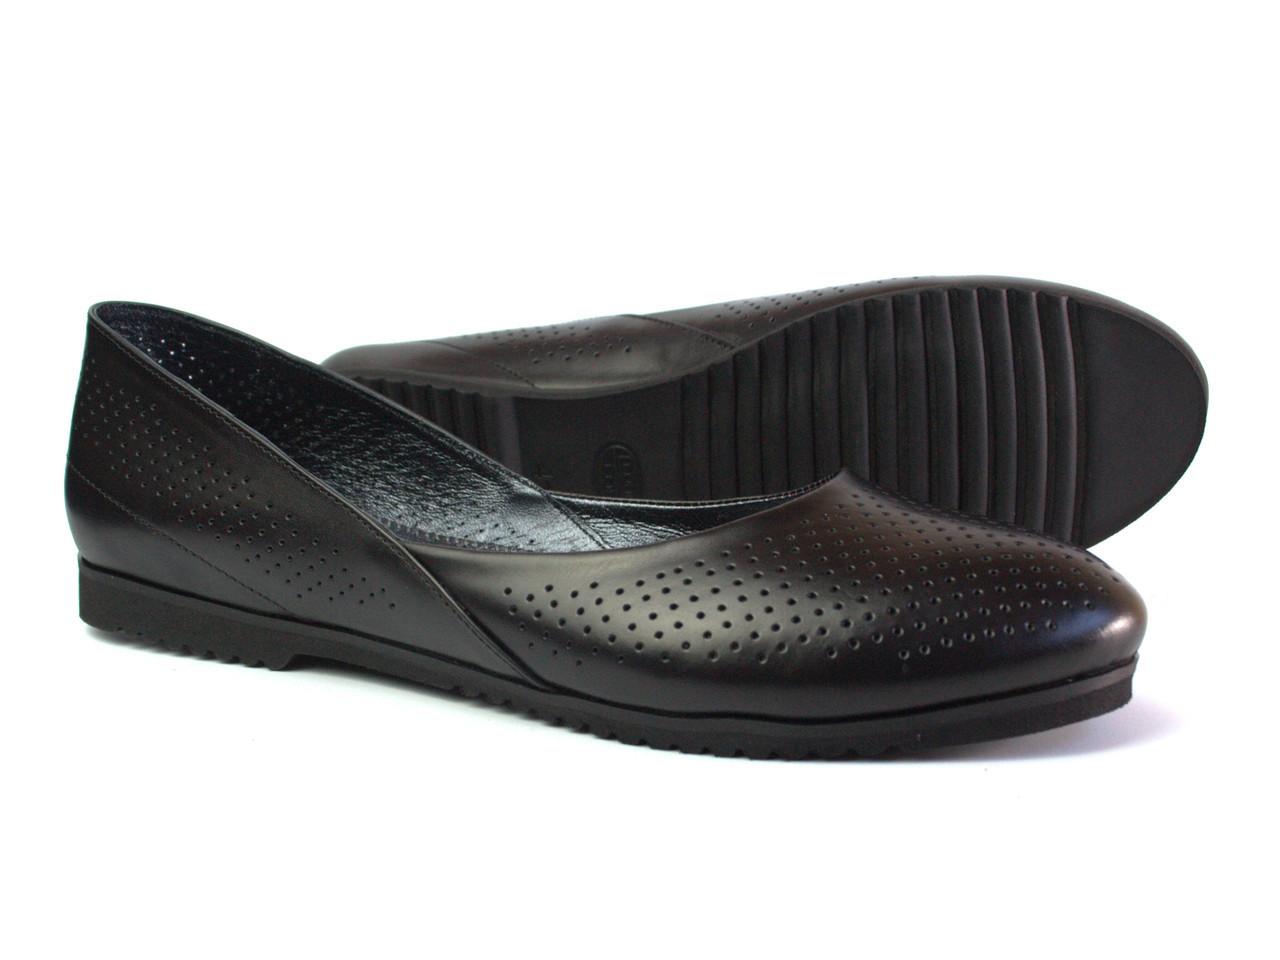 0b7954d410d5 Черные балетки кожаные женская обувь Scara U Black Perf Leather by Rosso  Avangard летние с ...